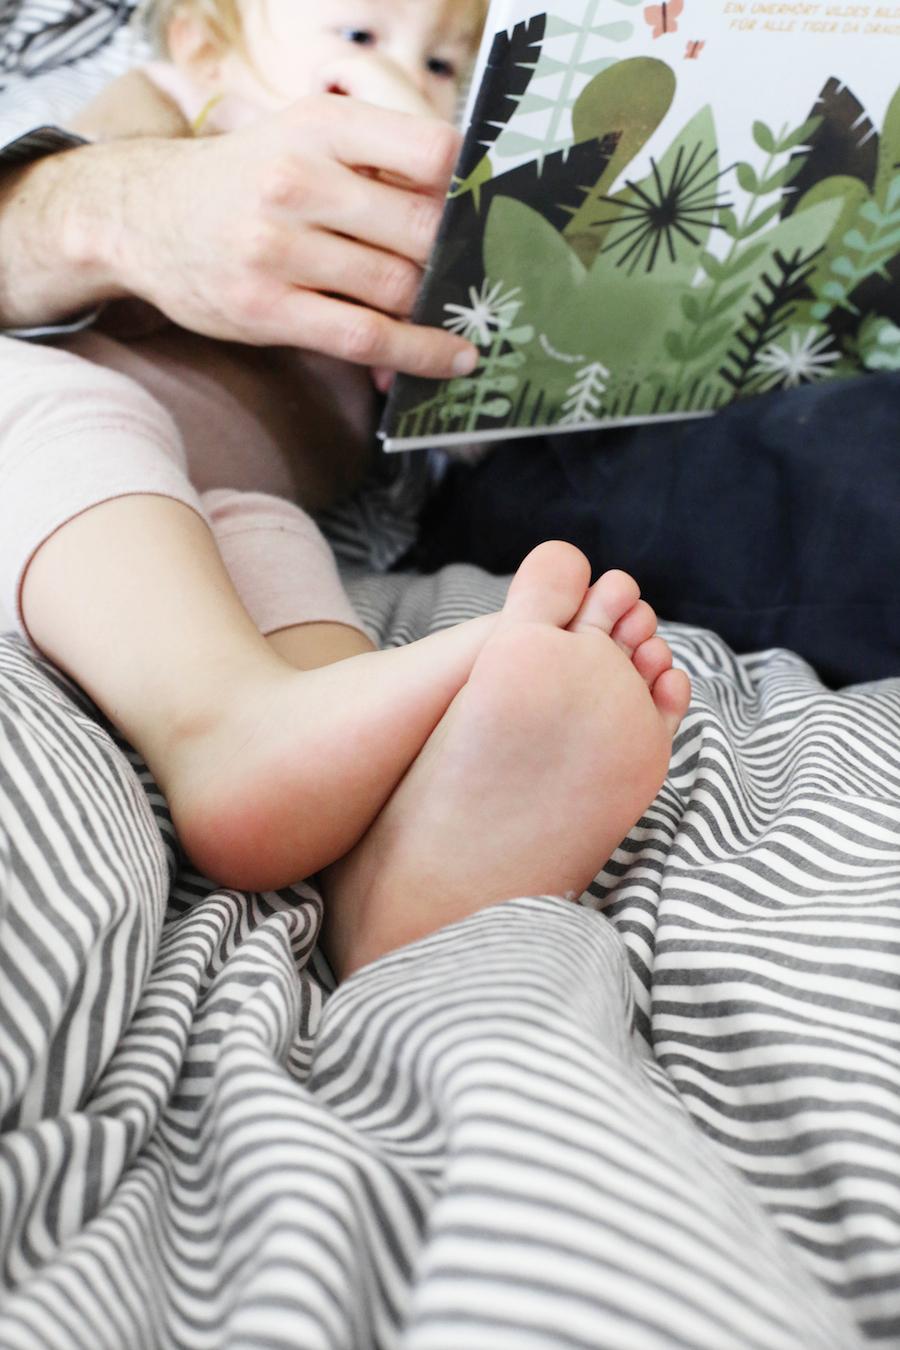 family_bed_muun13